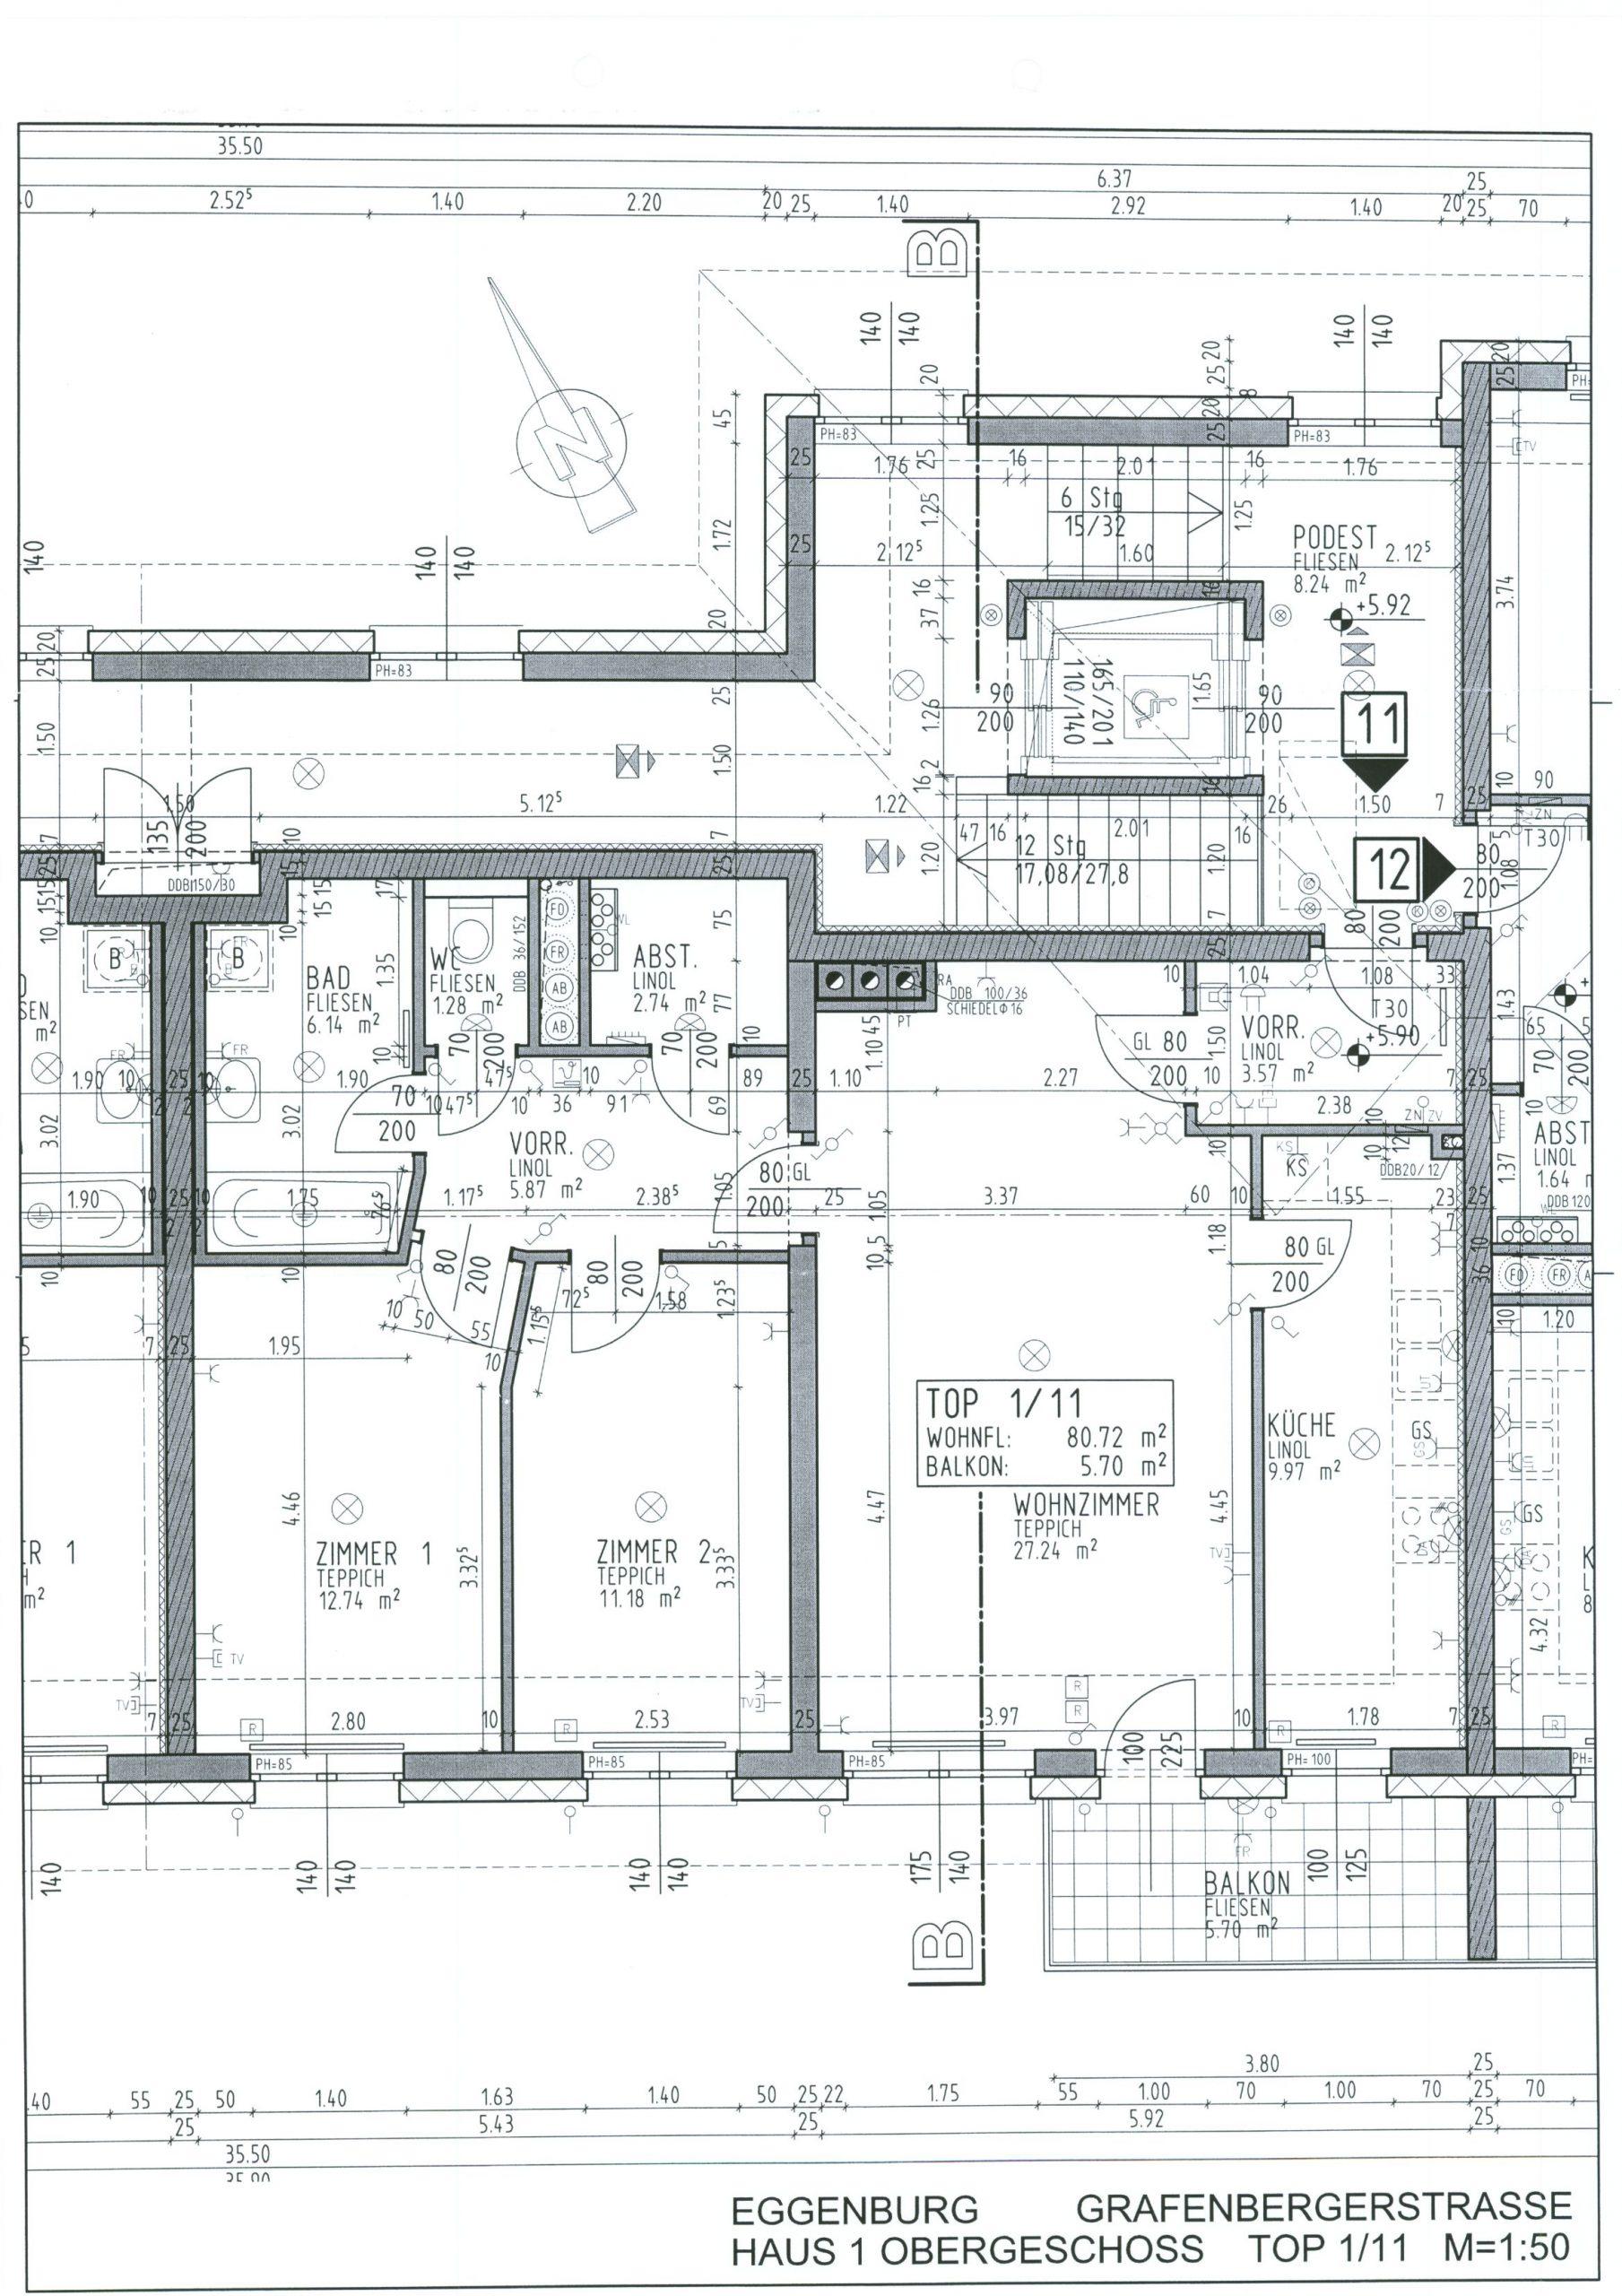 Immobilie von Kamptal in 3730 Eggenburg, Horn, Eggenburg V/2 - Top 111 #12